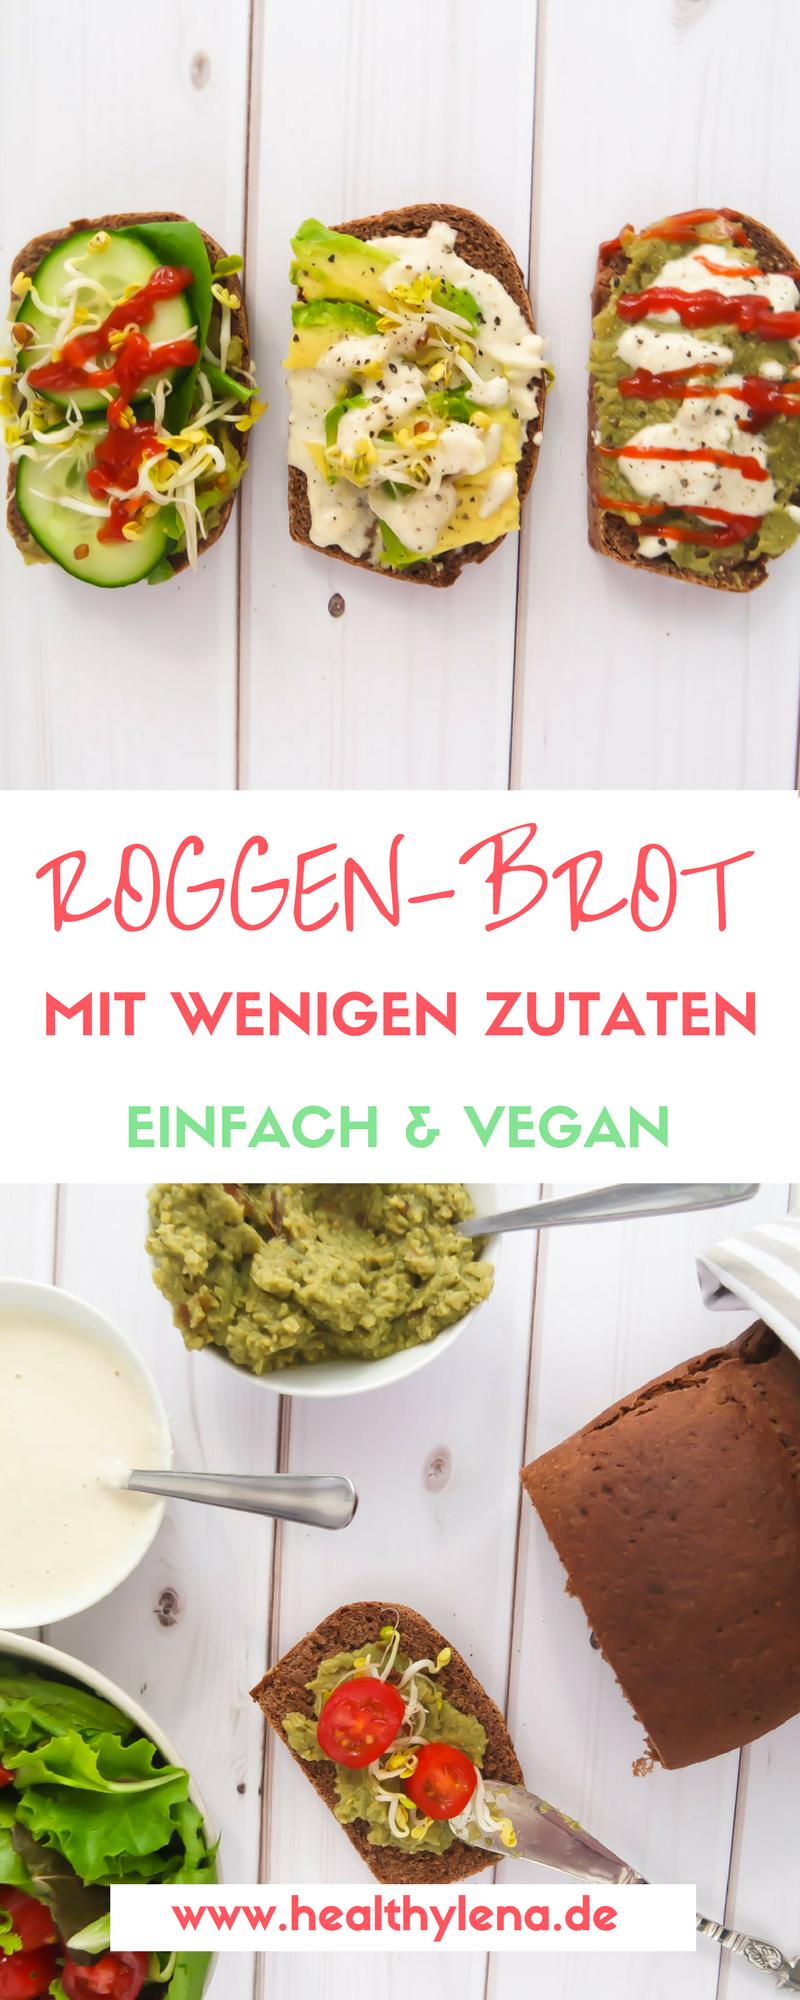 Roggenbrot – super einfach & mit nur 7 Zutaten (vegan | Roggenbrot ...